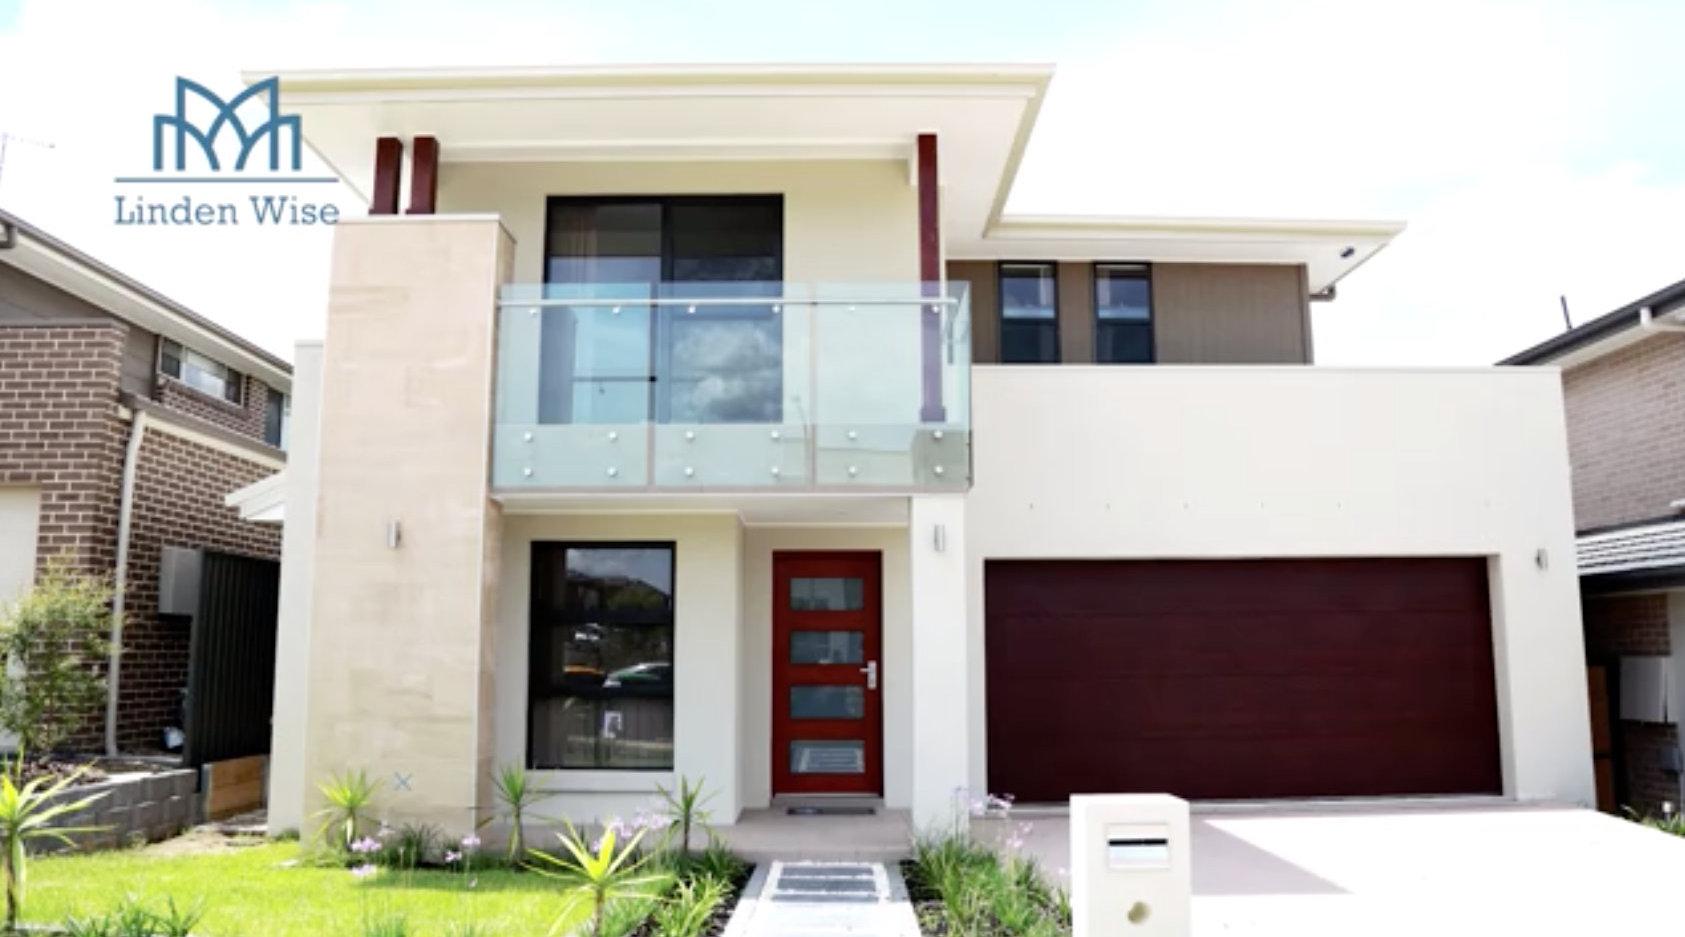 之前去拍的悉尼的地产项目,现在准备开售了,类似这样一个小别墅